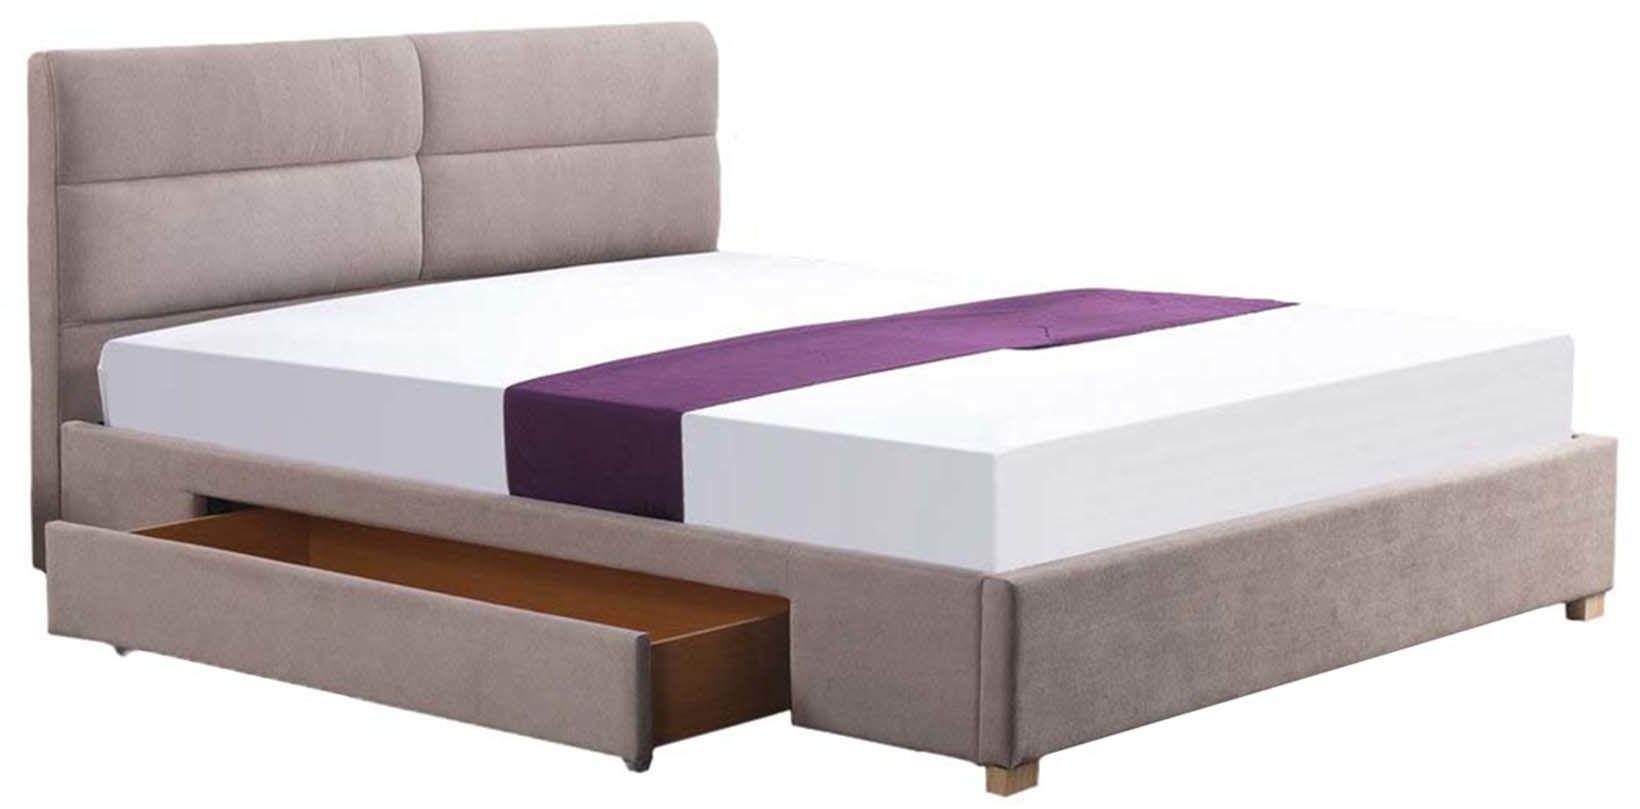 Łóżko Merida 160x200 - beżowy, do sypialni, do spania, tapicerowany zagłówek, szuflada